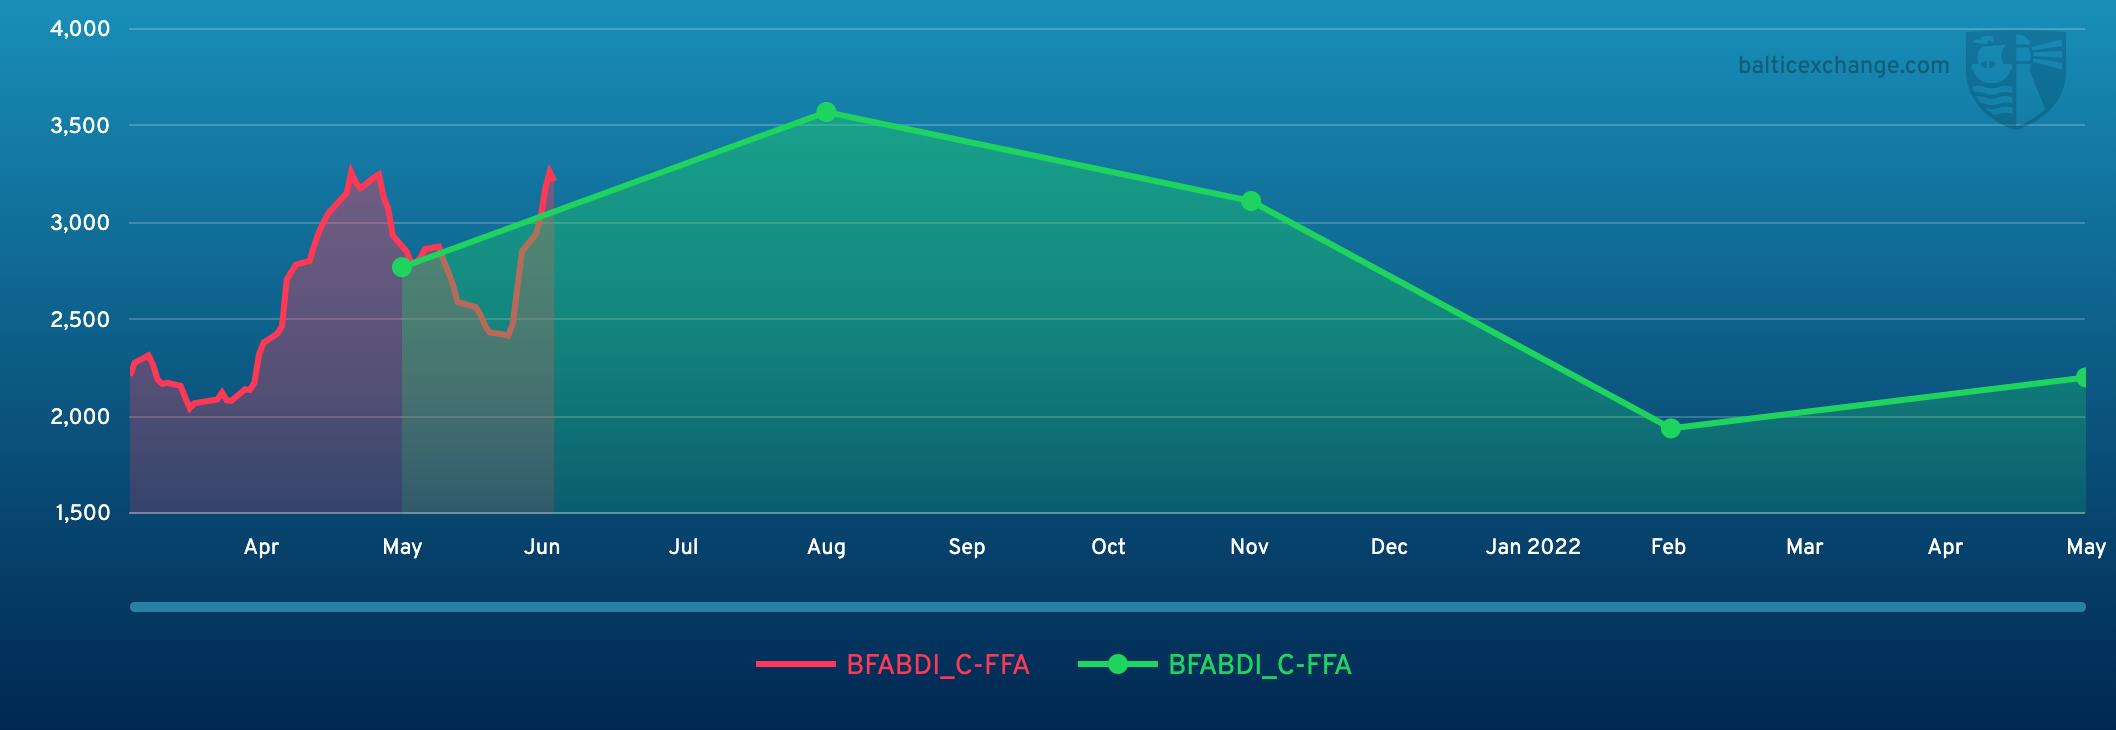 BFABDI_C-FFA 180321 160522.png